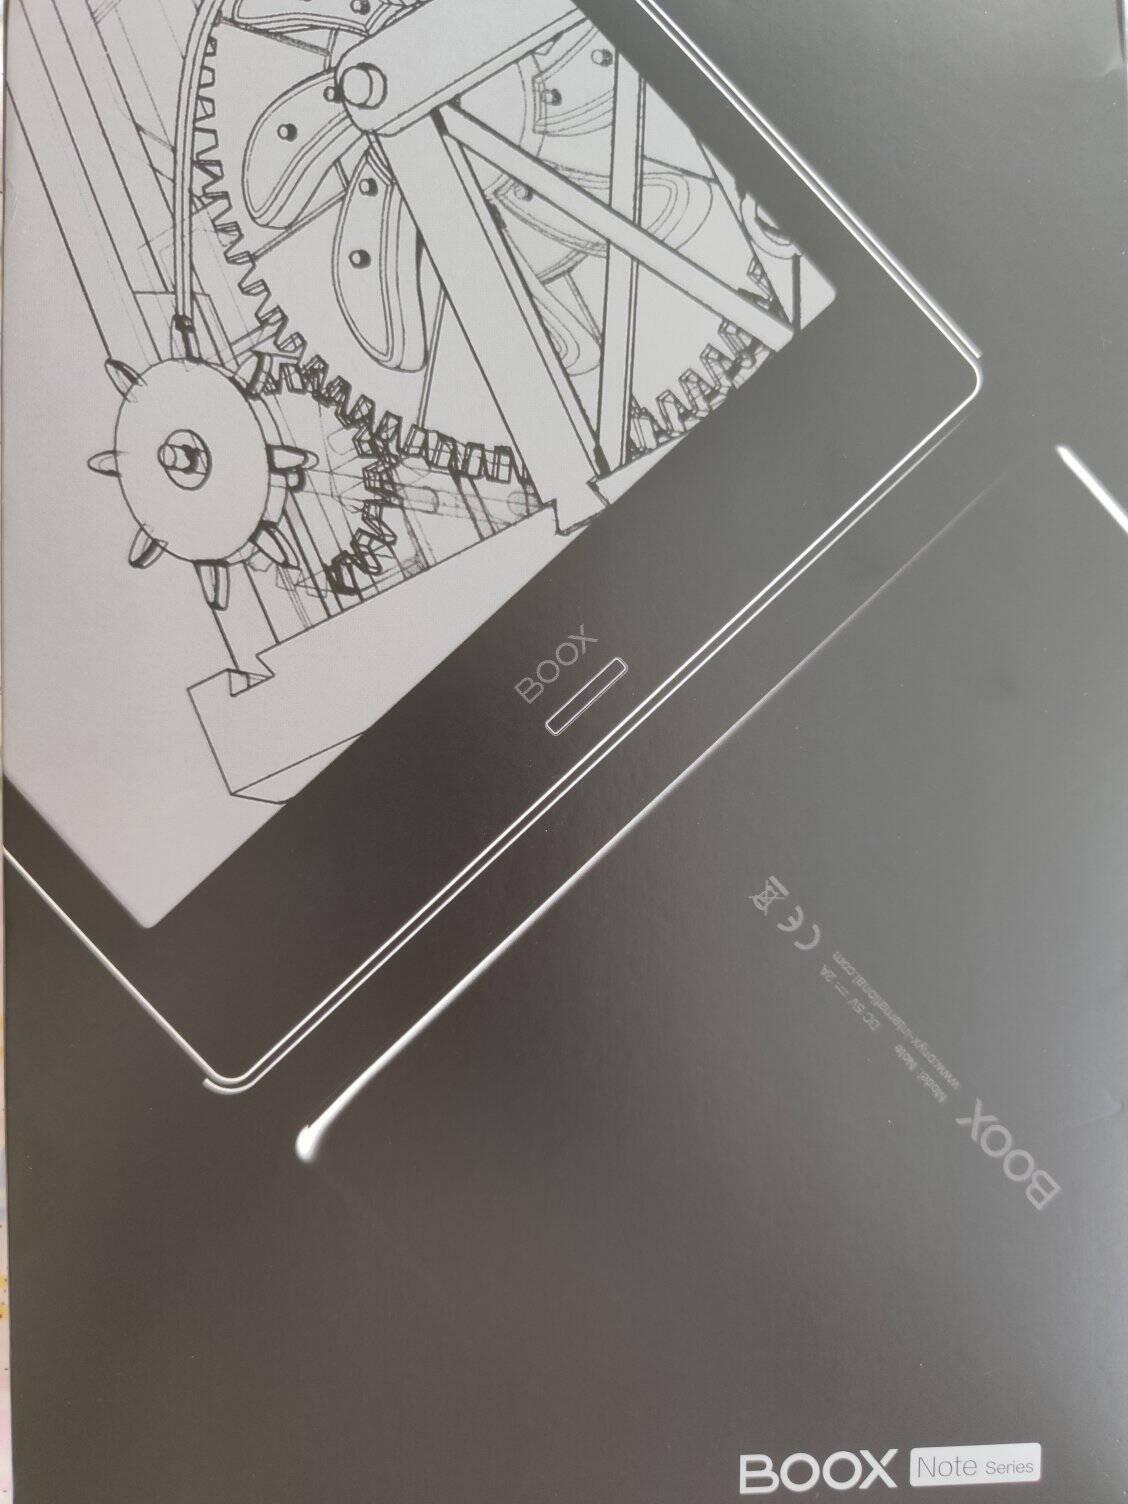 文石BOOXNova3限量定制版墨水屏电纸书电子纸礼盒7.8英寸电子书阅读器智能阅读办公电子笔记本32G